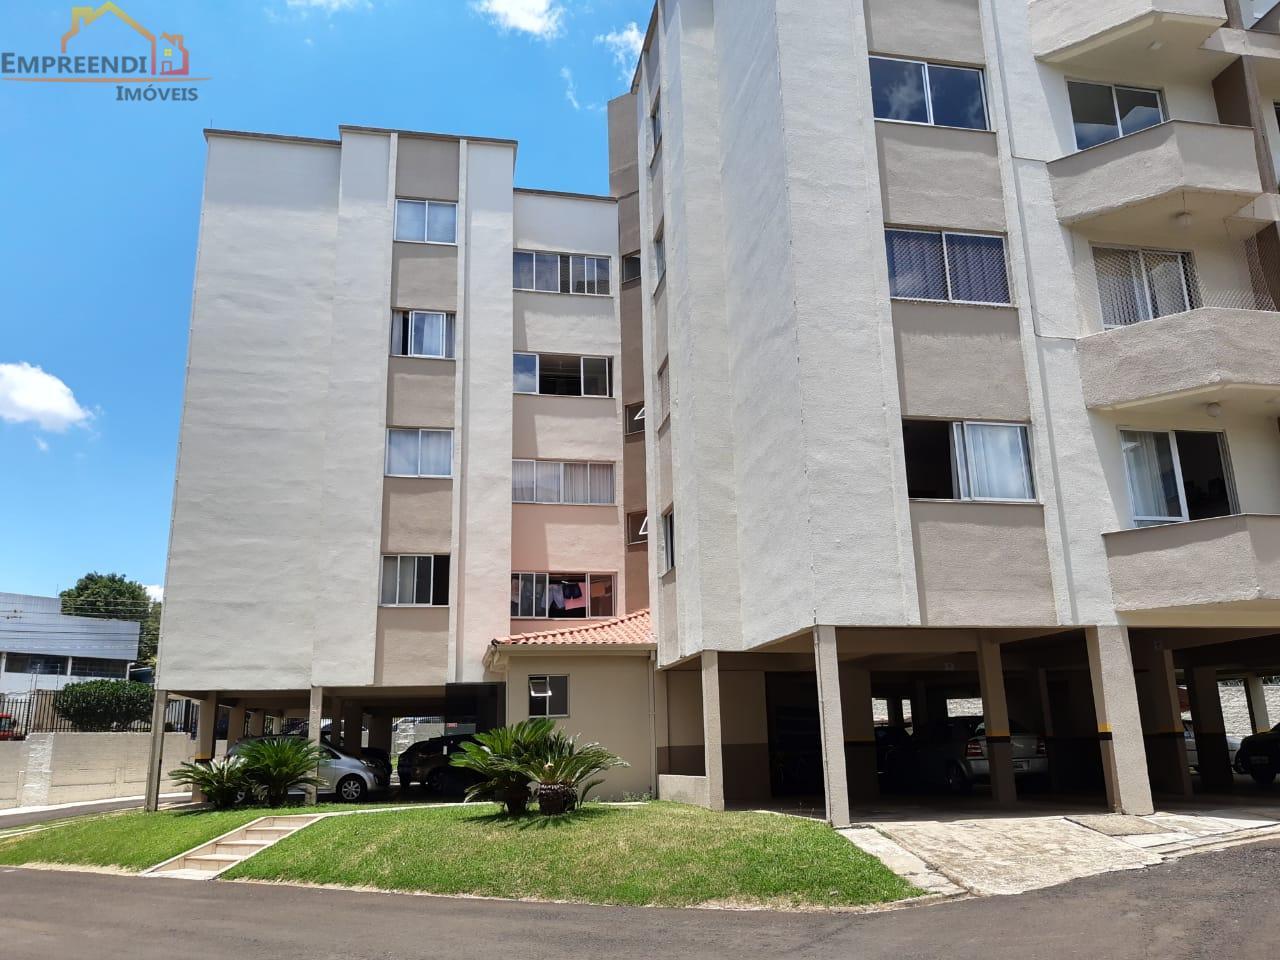 Apartamento à venda, CENTRO, PATO BRANCO - PR